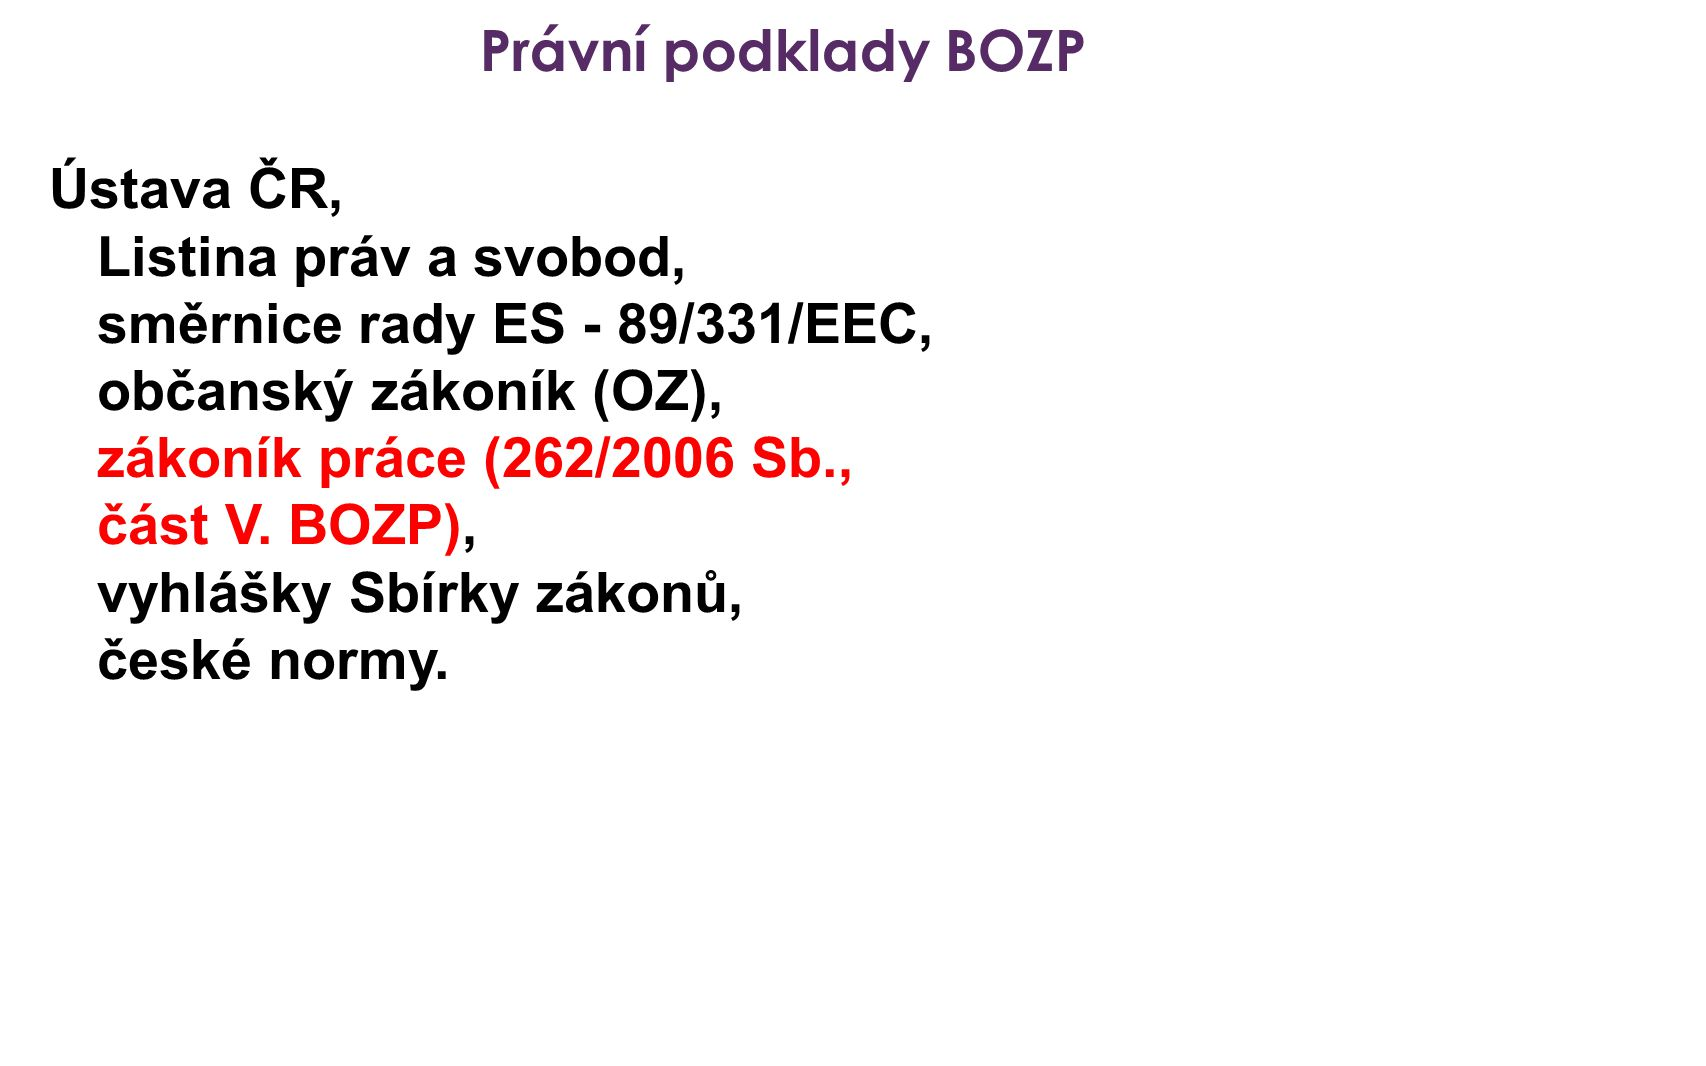 Právní podklady BOZP Ústava ČR, Listina práv a svobod, směrnice rady ES - 89/331/EEC, občanský zákoník (OZ),